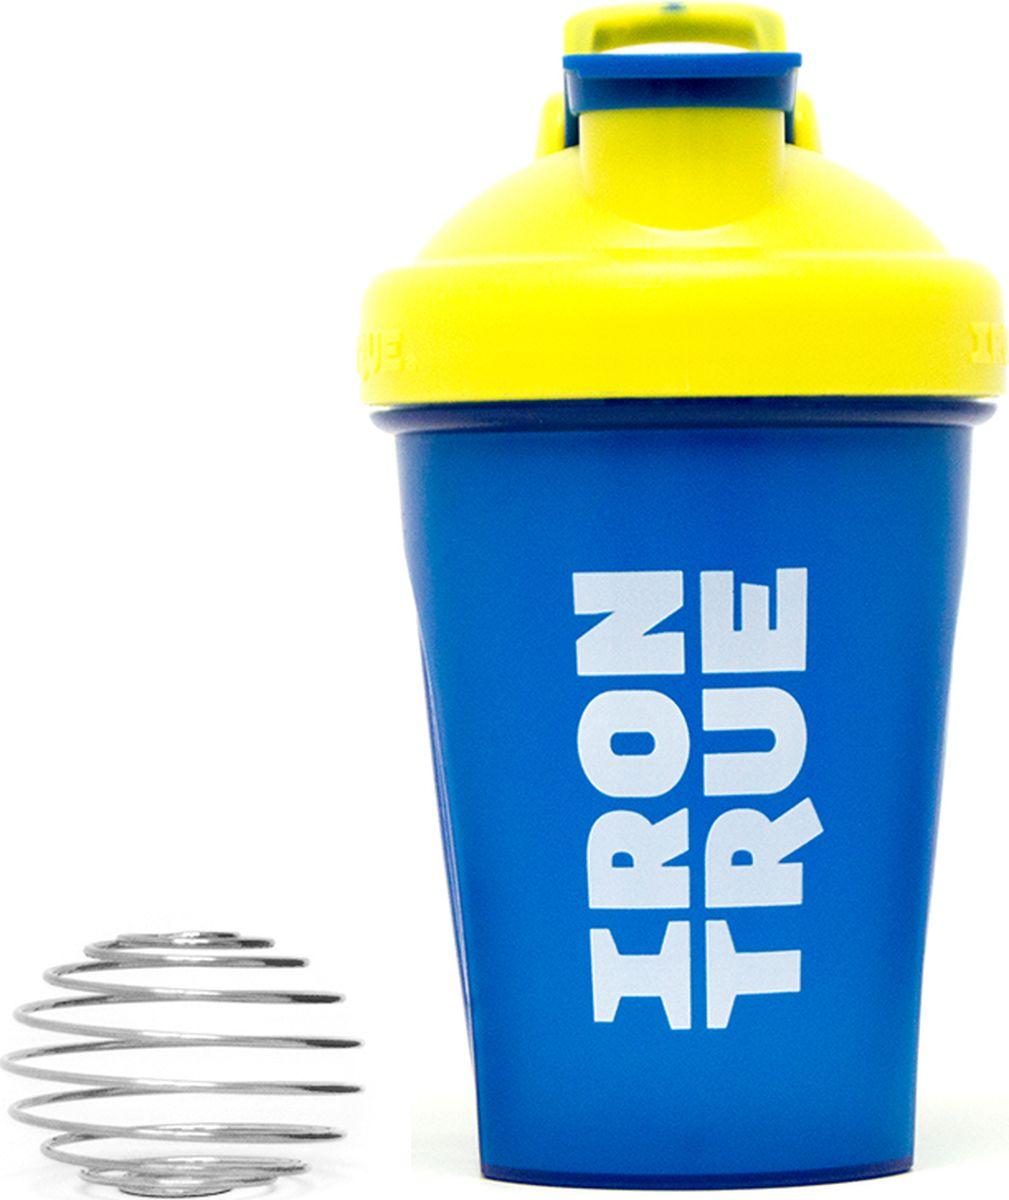 Шейкер спортивный Irontrue Classic Series, цвет: голубой, желтый, 500 мл. ITS916-400 шейкер harper gym shaker bottle с венчиком цвет голубой 500 мл